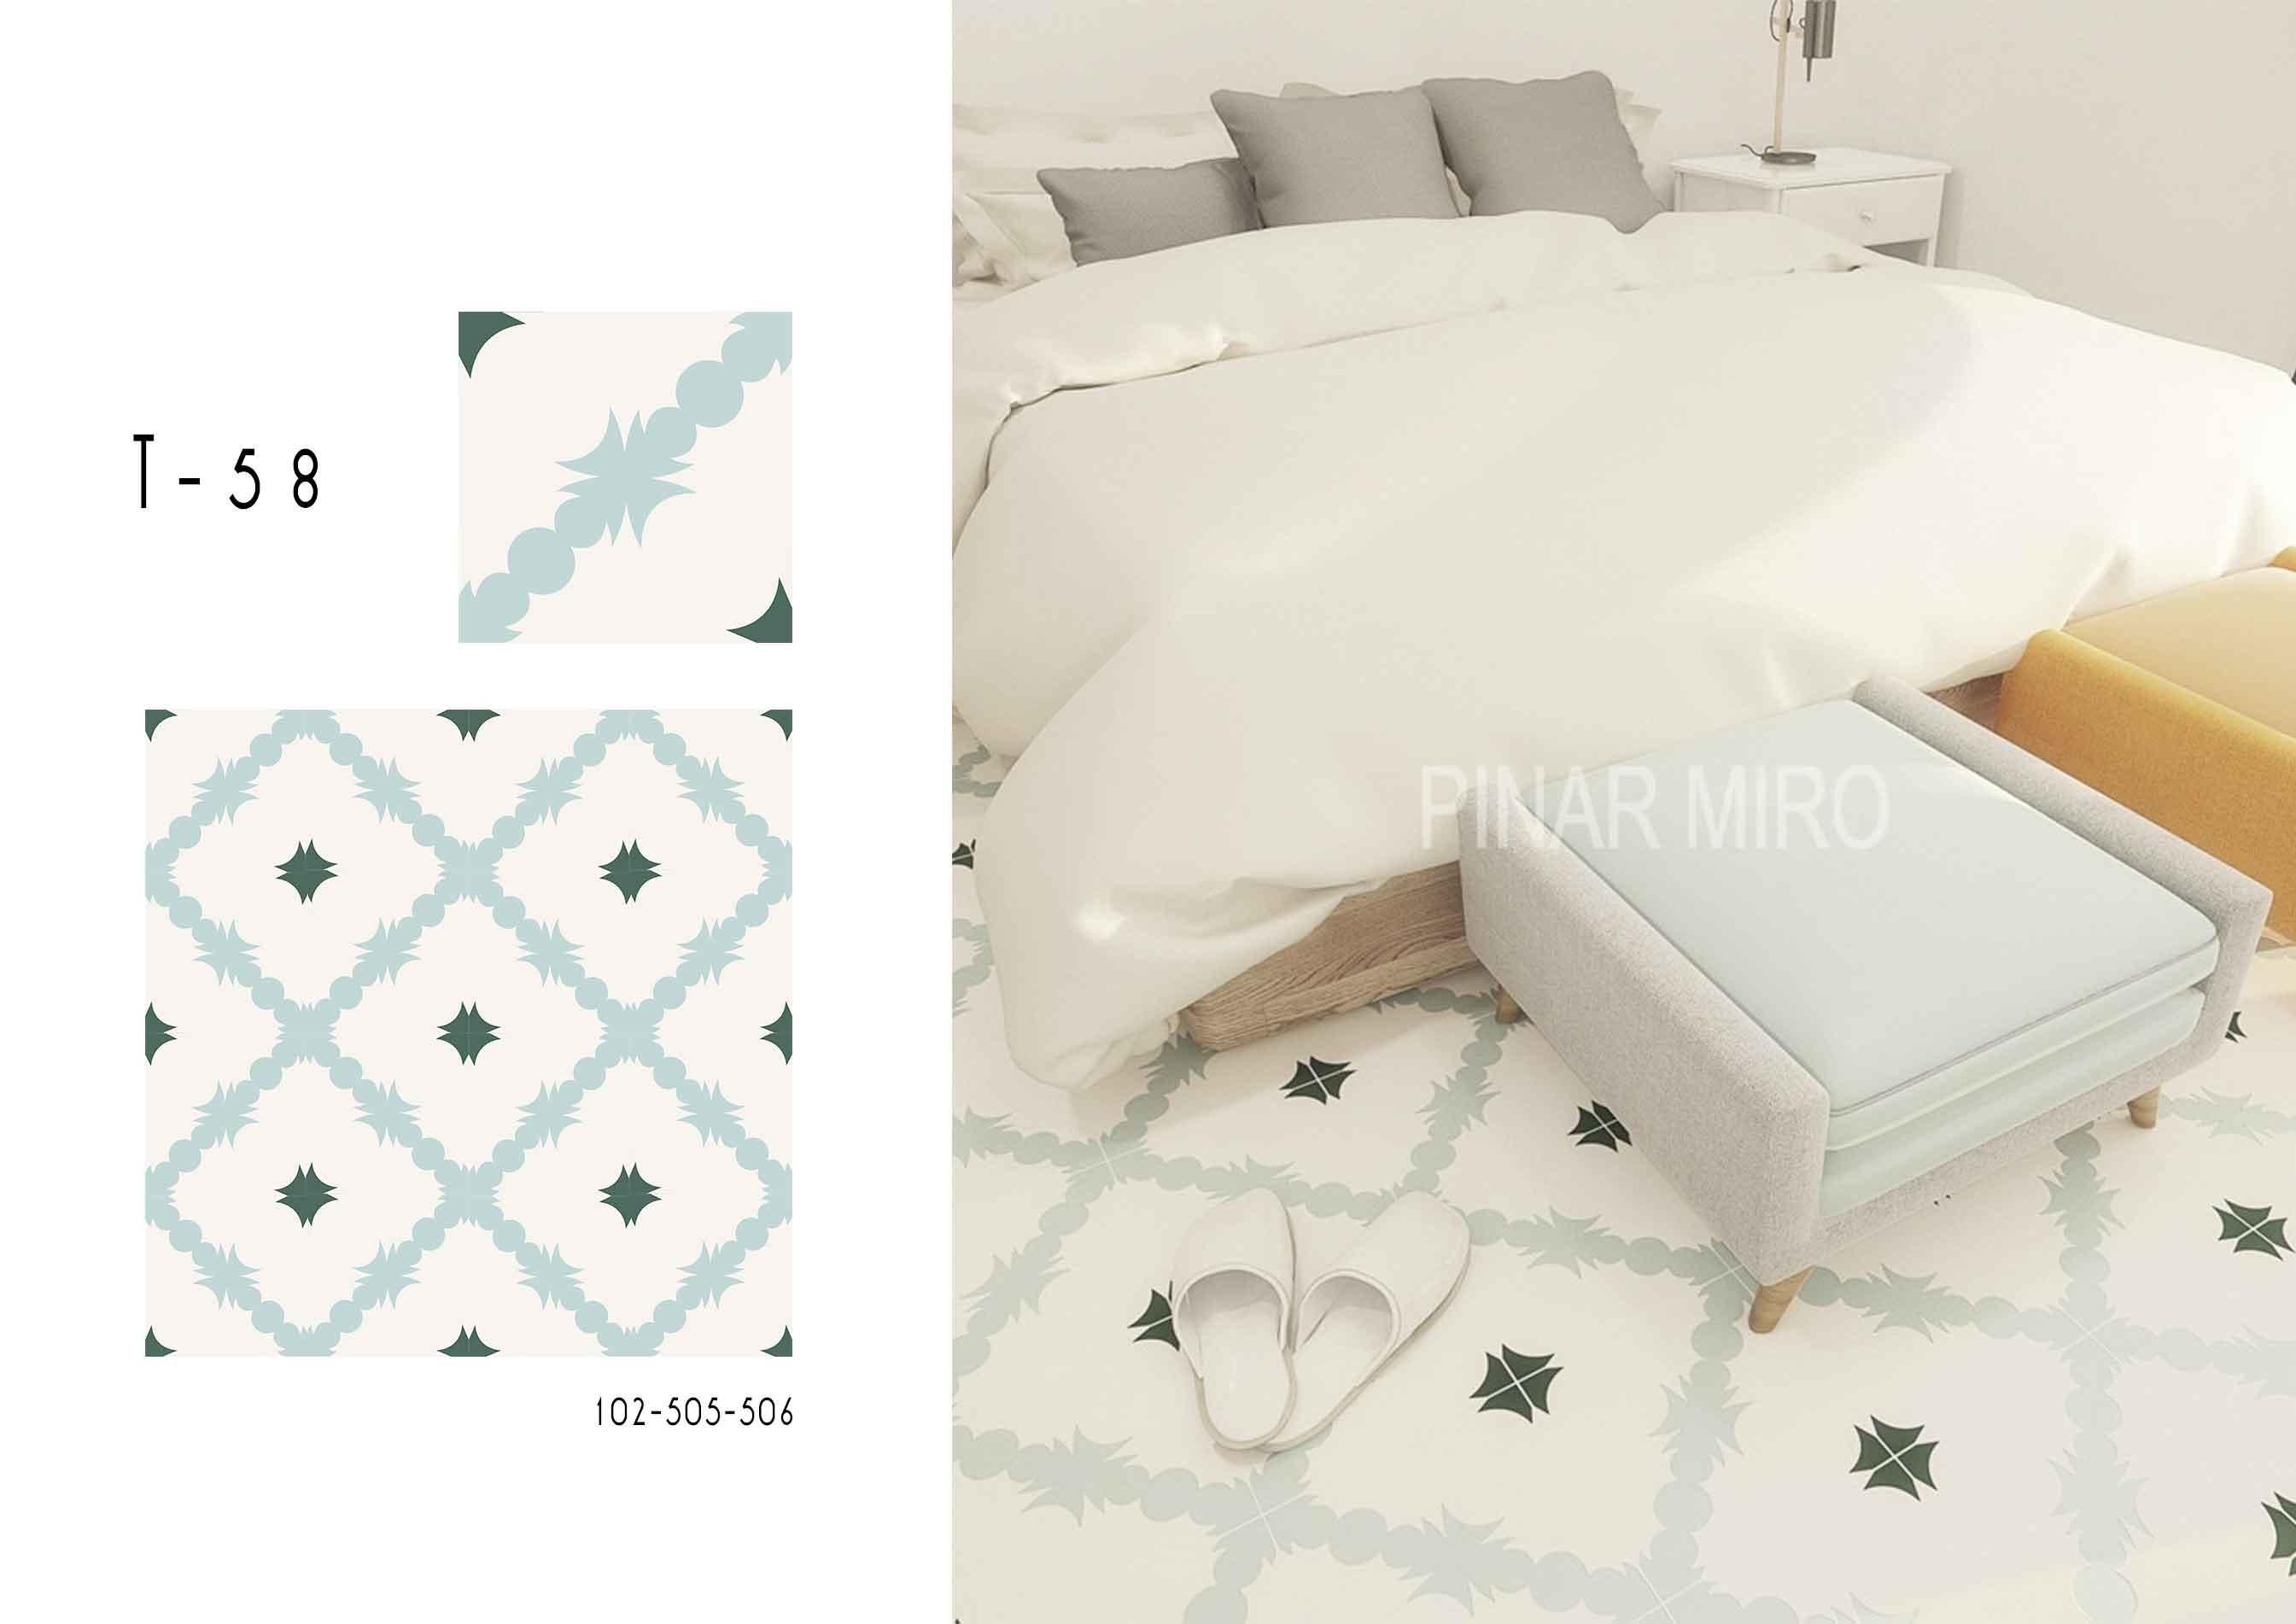 1t058-pinar-miro-cement-tiles